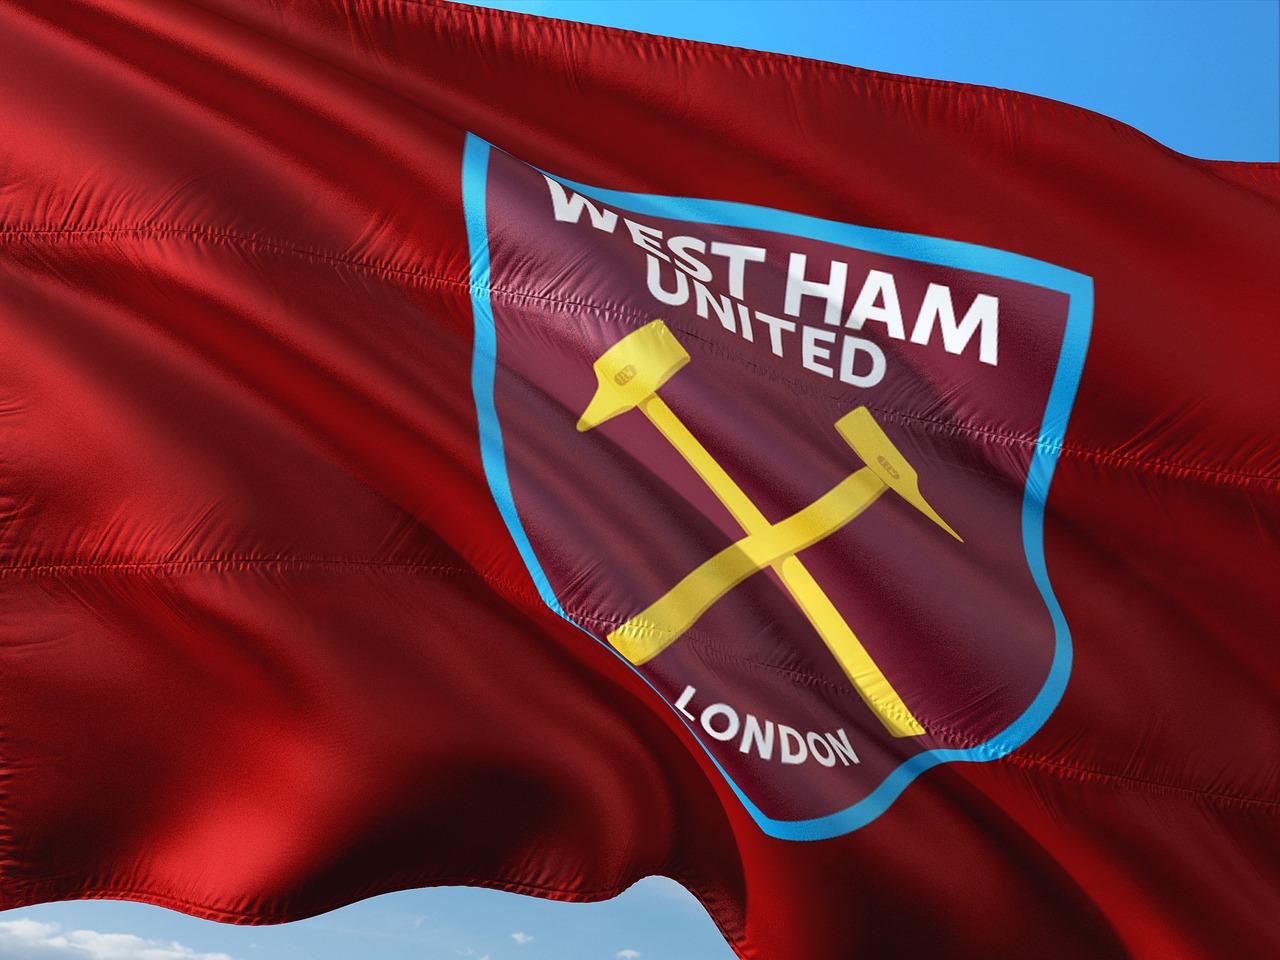 Flag of West Ham - Premier League club